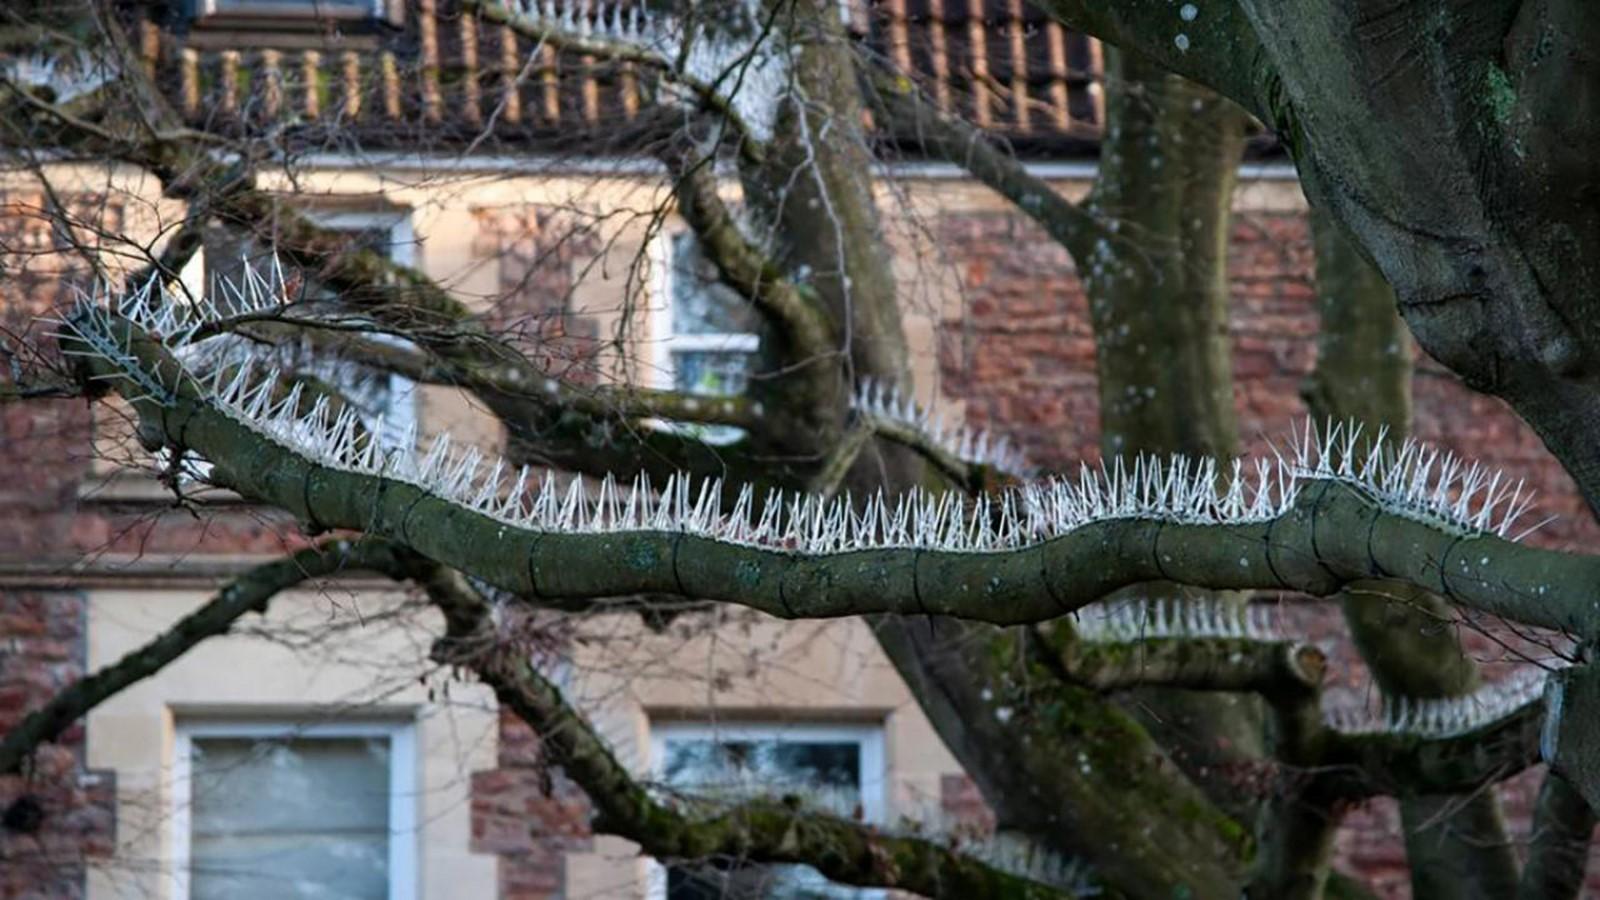 Bird spikes in Bristol, England